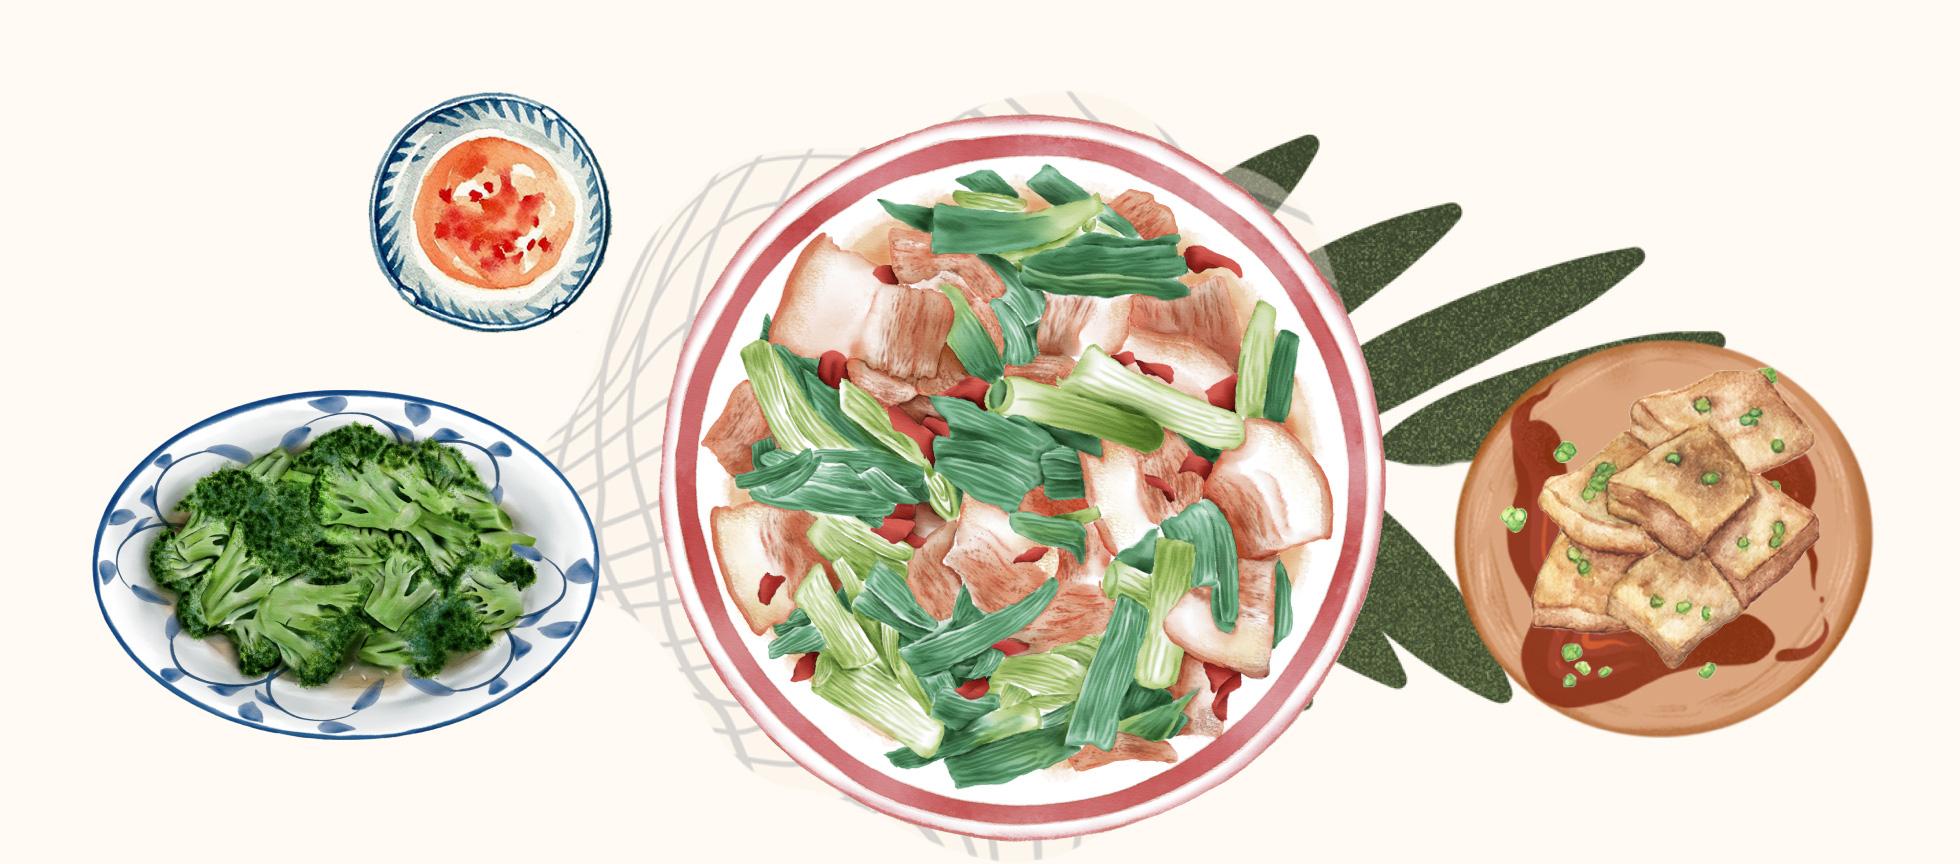 Nếp nhà trong những bữa cơm Việt truyền thống, ướp đậm tình cảm gia đình yêu thương - Ảnh 3.